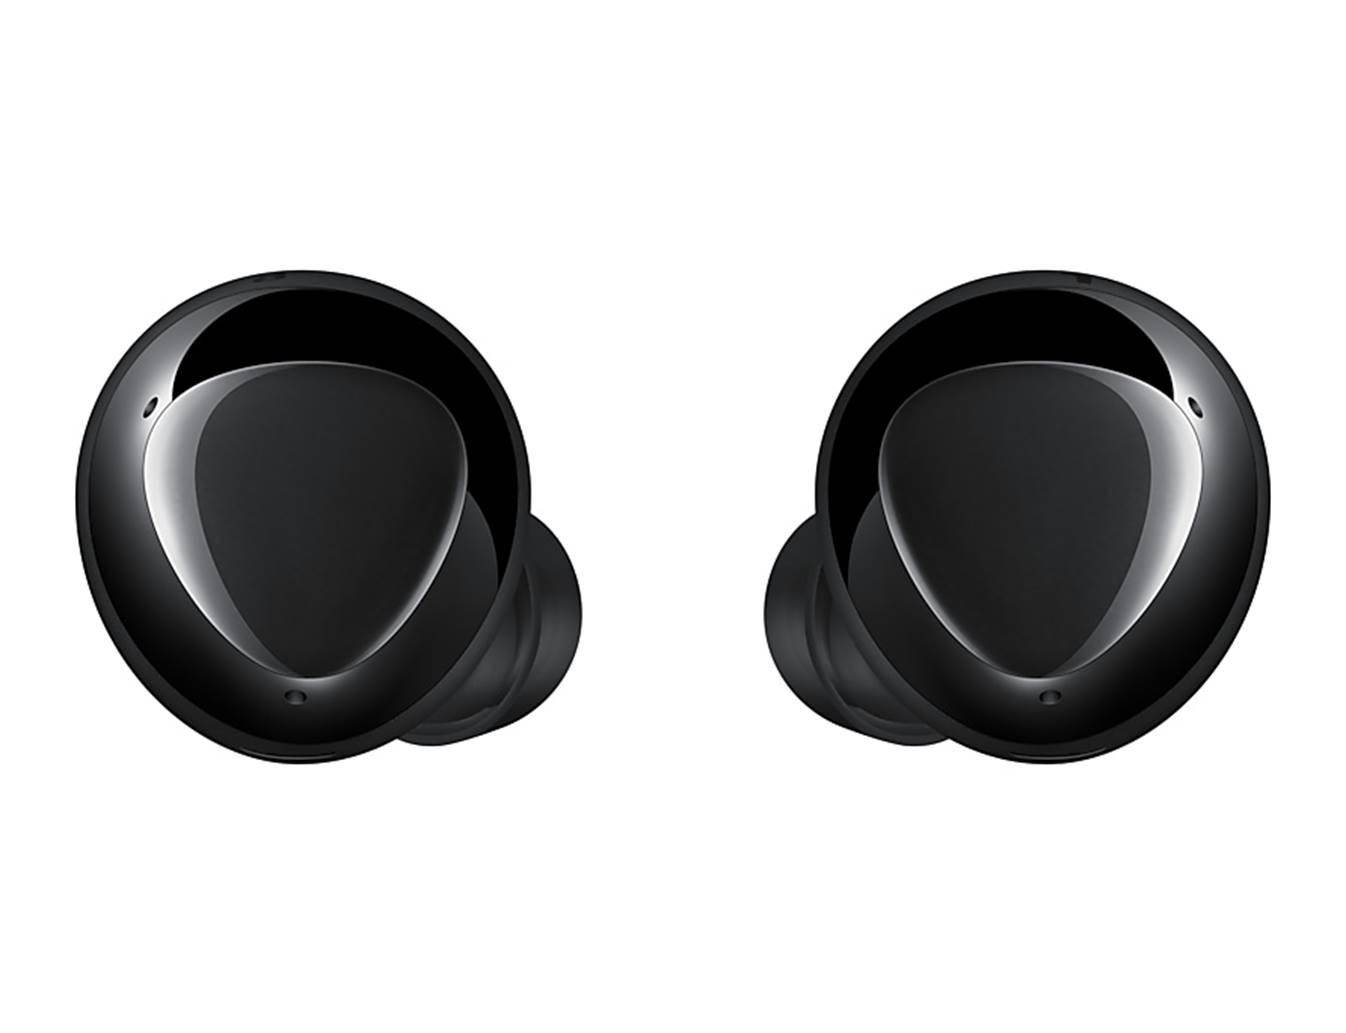 Samsung Galaxy Buds Sports Wireless Earbuds